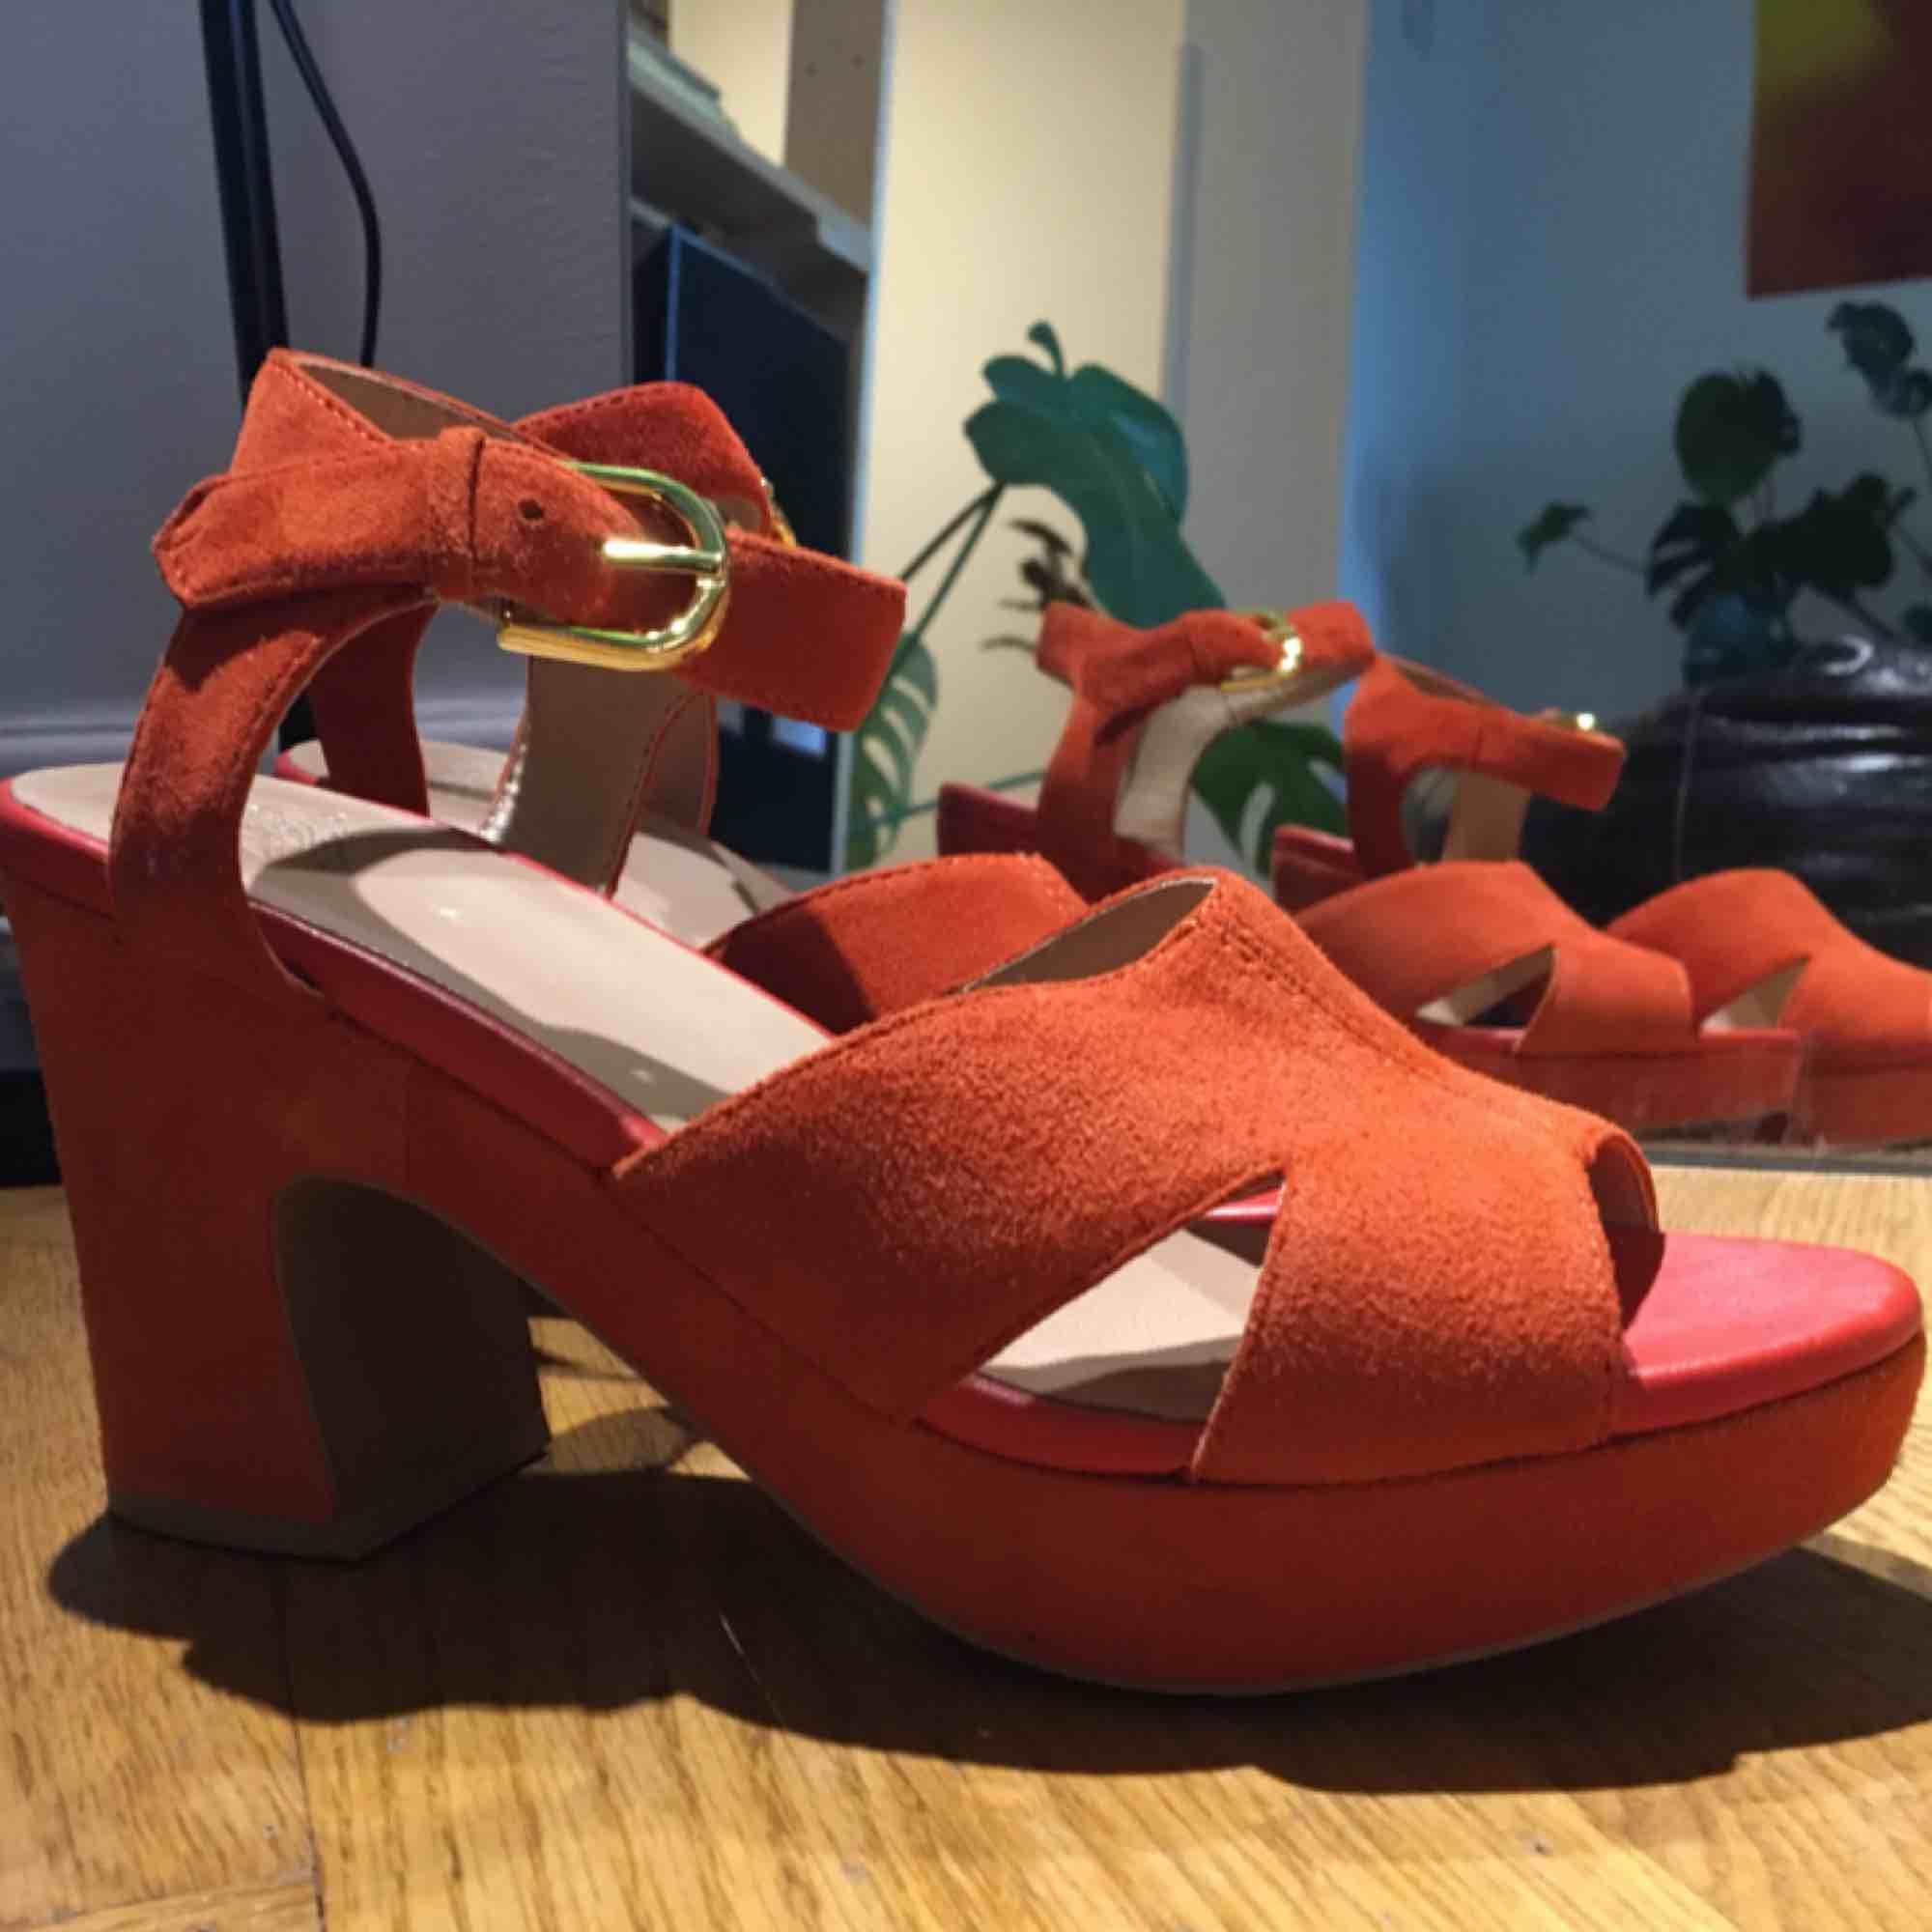 Asfina vagabond-sandaletter i mocka!!! Fin höstig orange färg 🧡🍁🍂 Använda en kväll, SÅÅ bekväma, funkar hur bra som helst att gå i, dansa i osv 🤠 köparen står för frakt! . Skor.